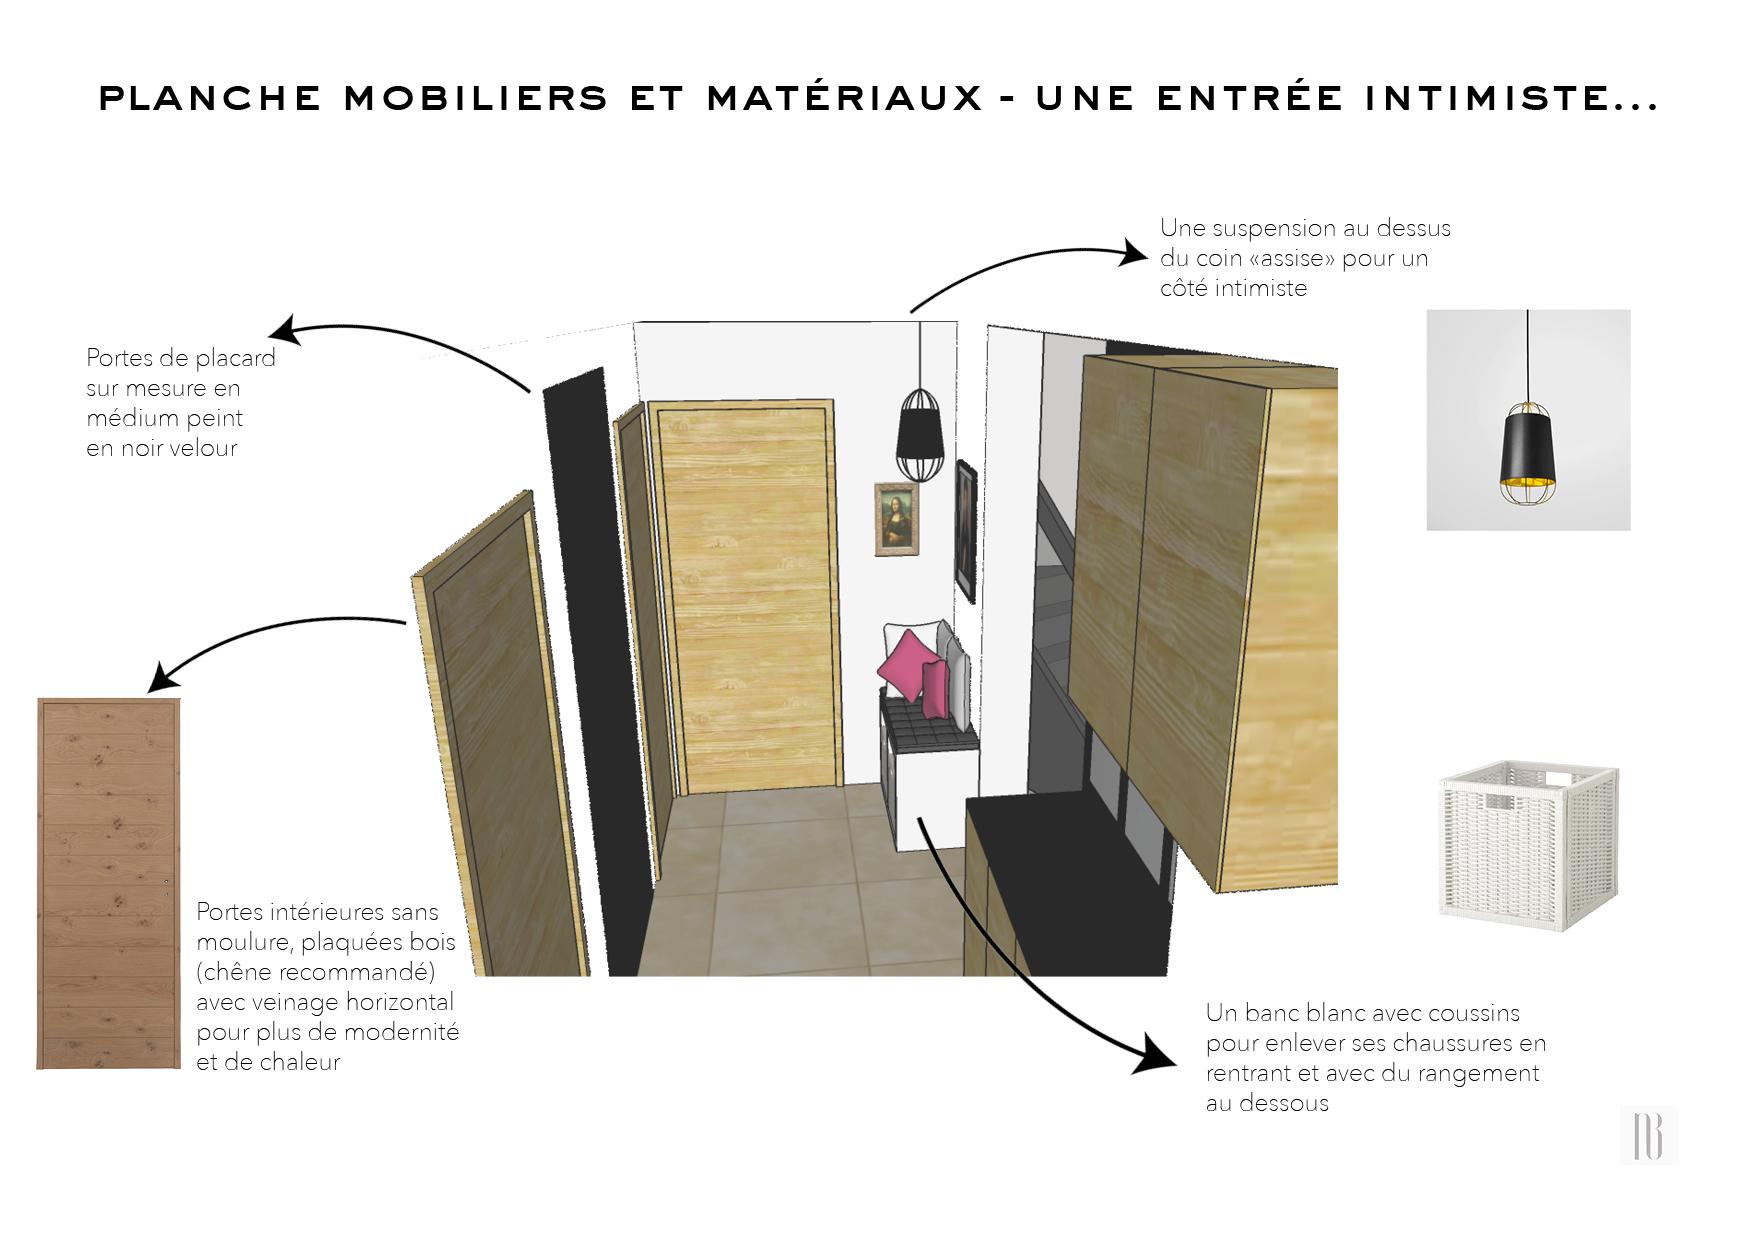 Nathalie Bossard décoration architecture intérieur Rennes 35 UFDI-390 Book déco maison individuelle bretagne sud 2019 planche mobilier et matériaux entrée intimiste